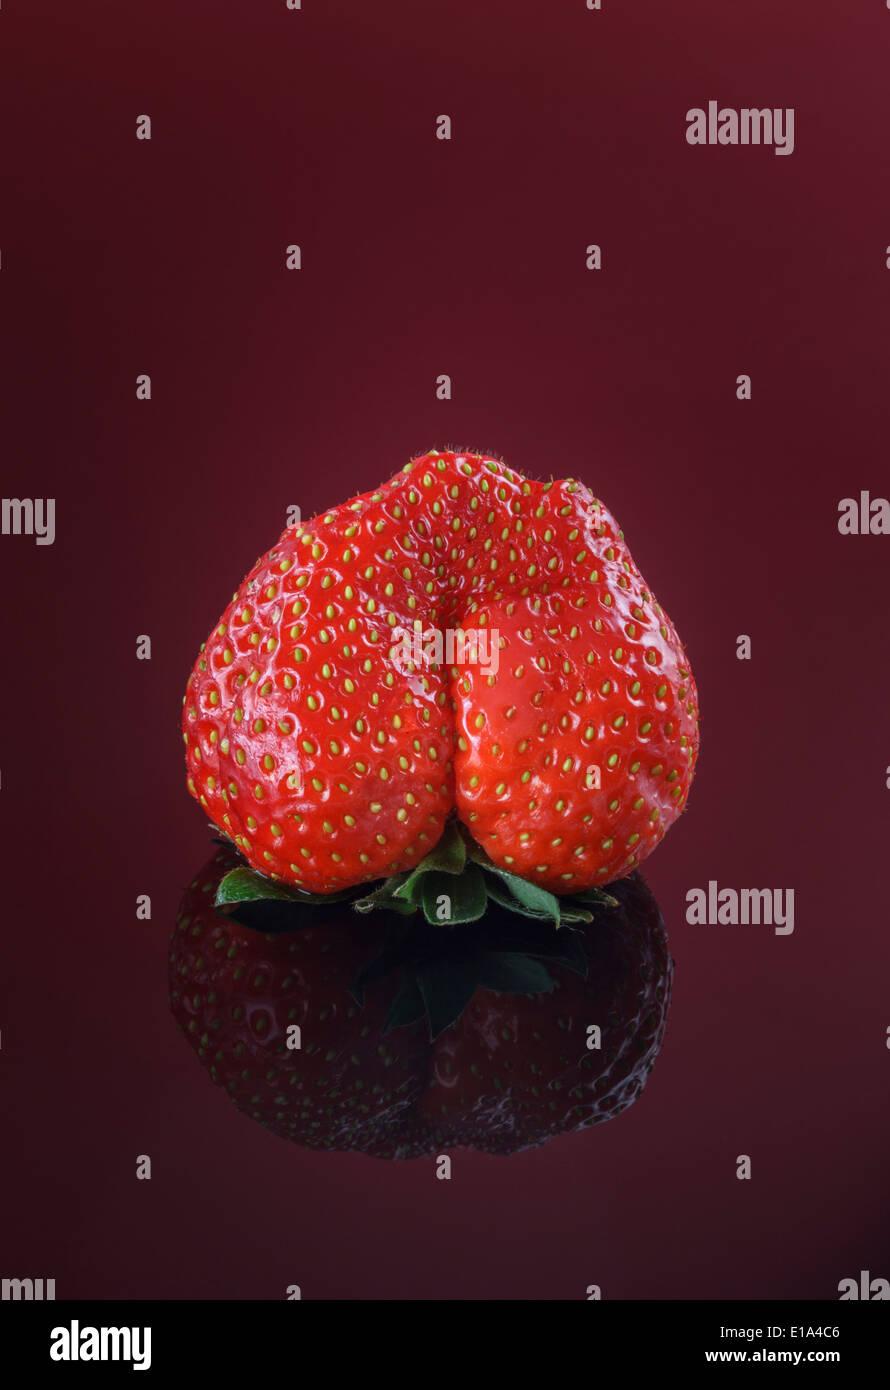 Unico di fragole fresche su sfondo rosso Immagini Stock